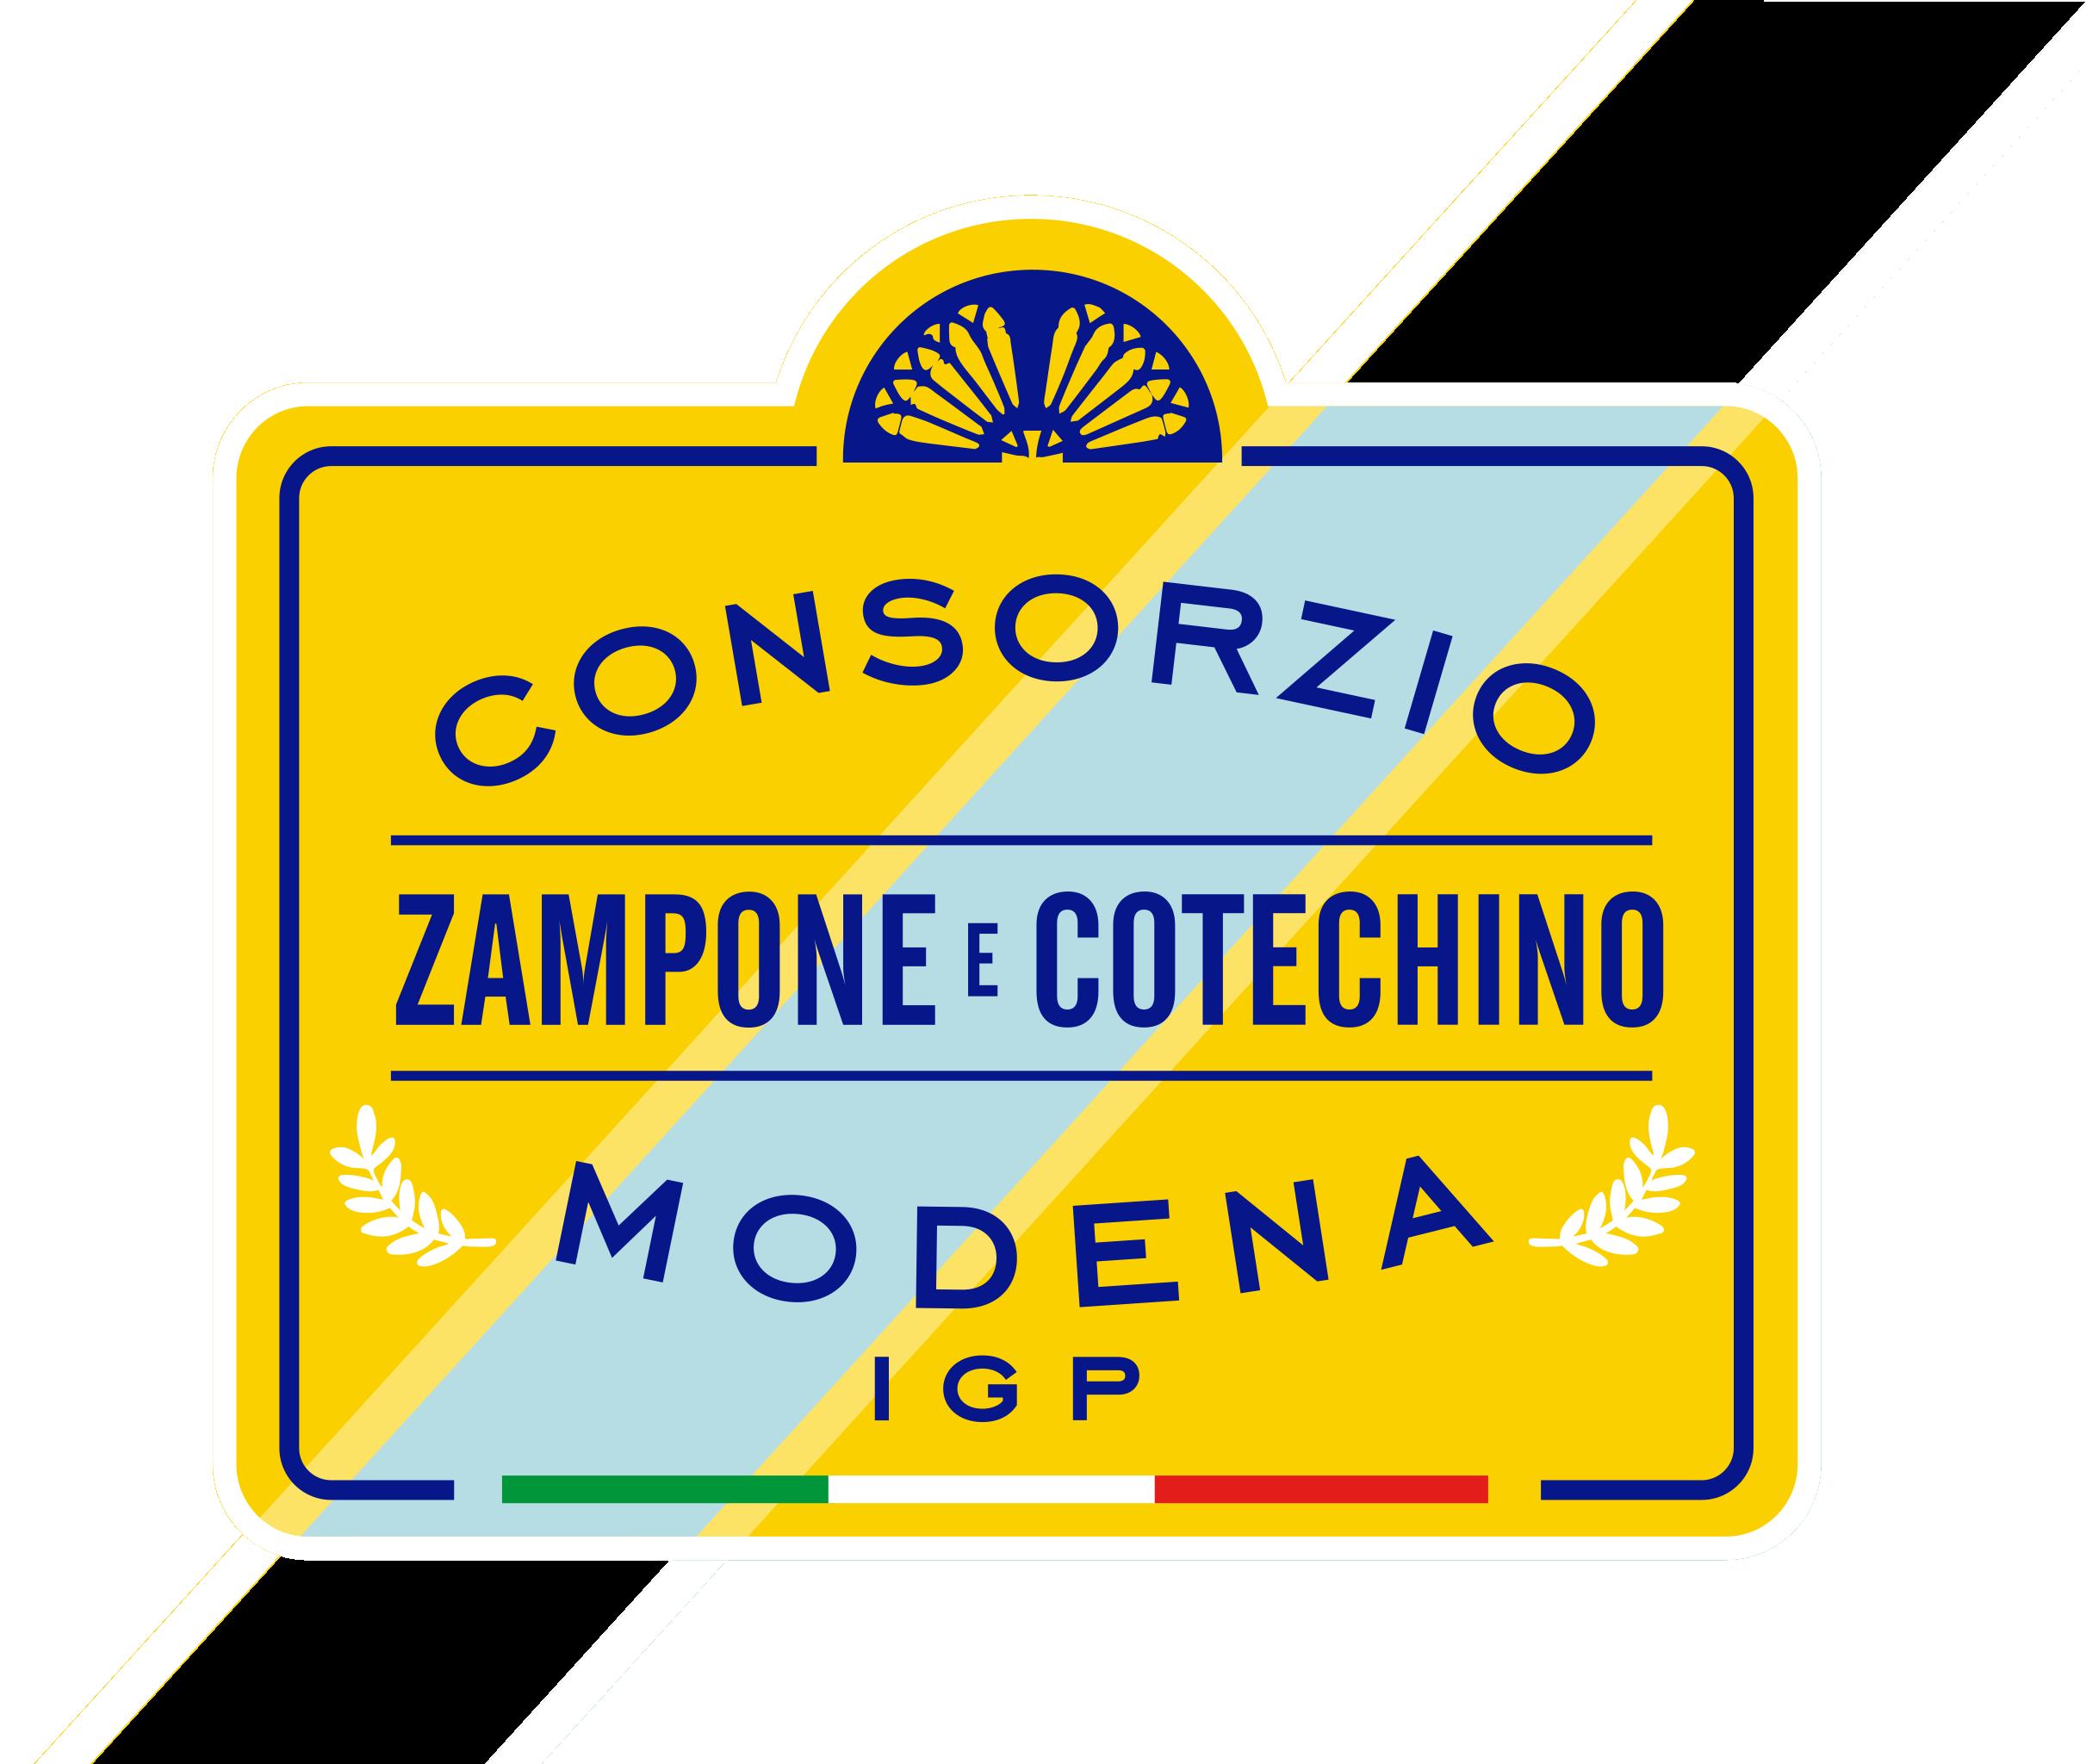 Consorzio Zampone e Cotechino Modena IGP